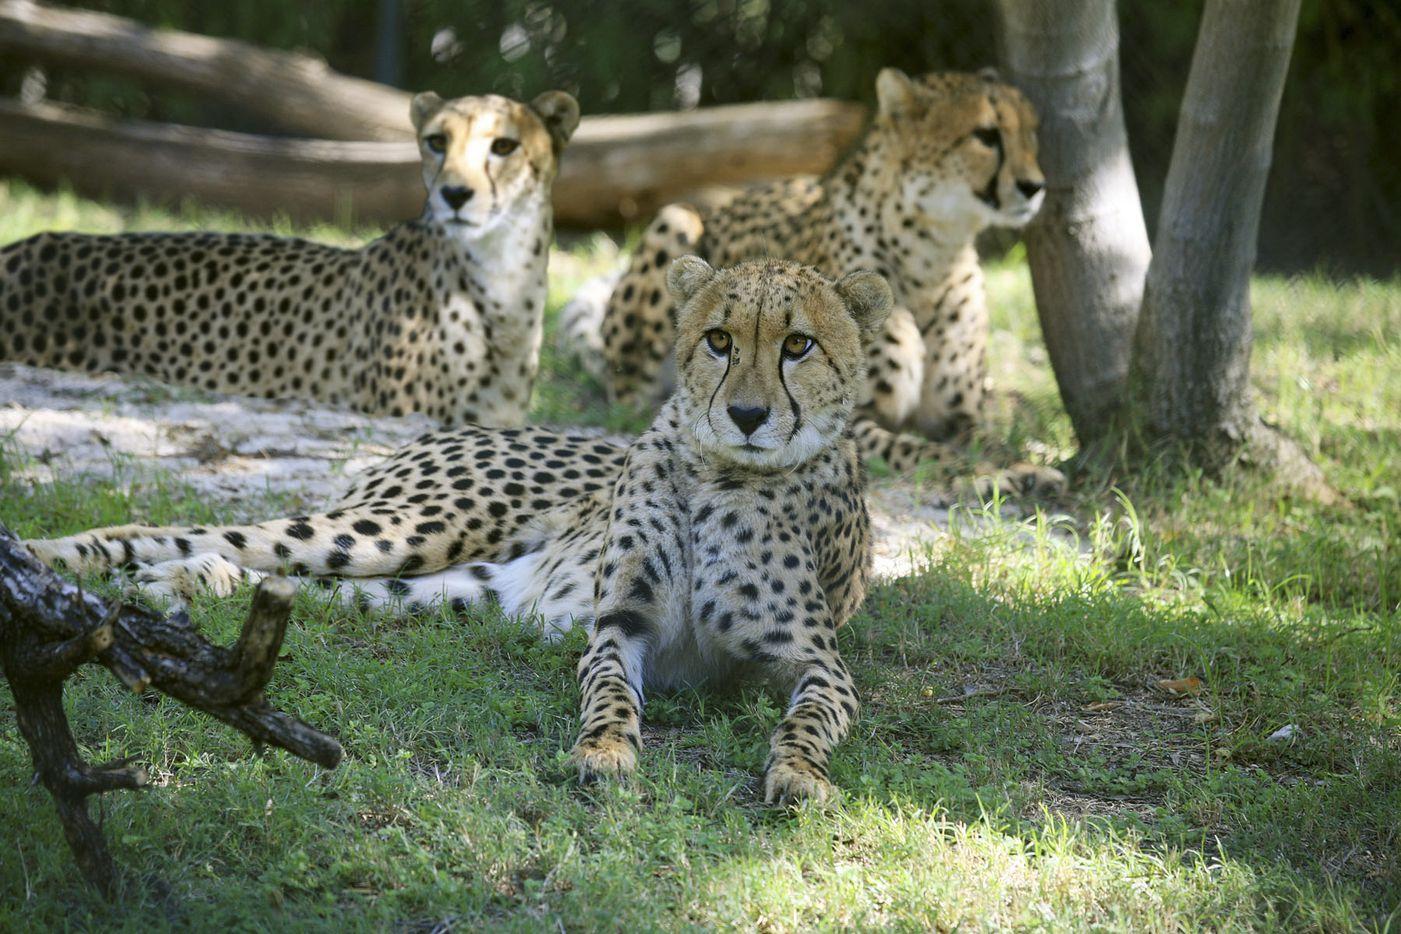 Kisutu lounges with Bonde and Kilima. (2008 File Photo/Dallas Zoo)